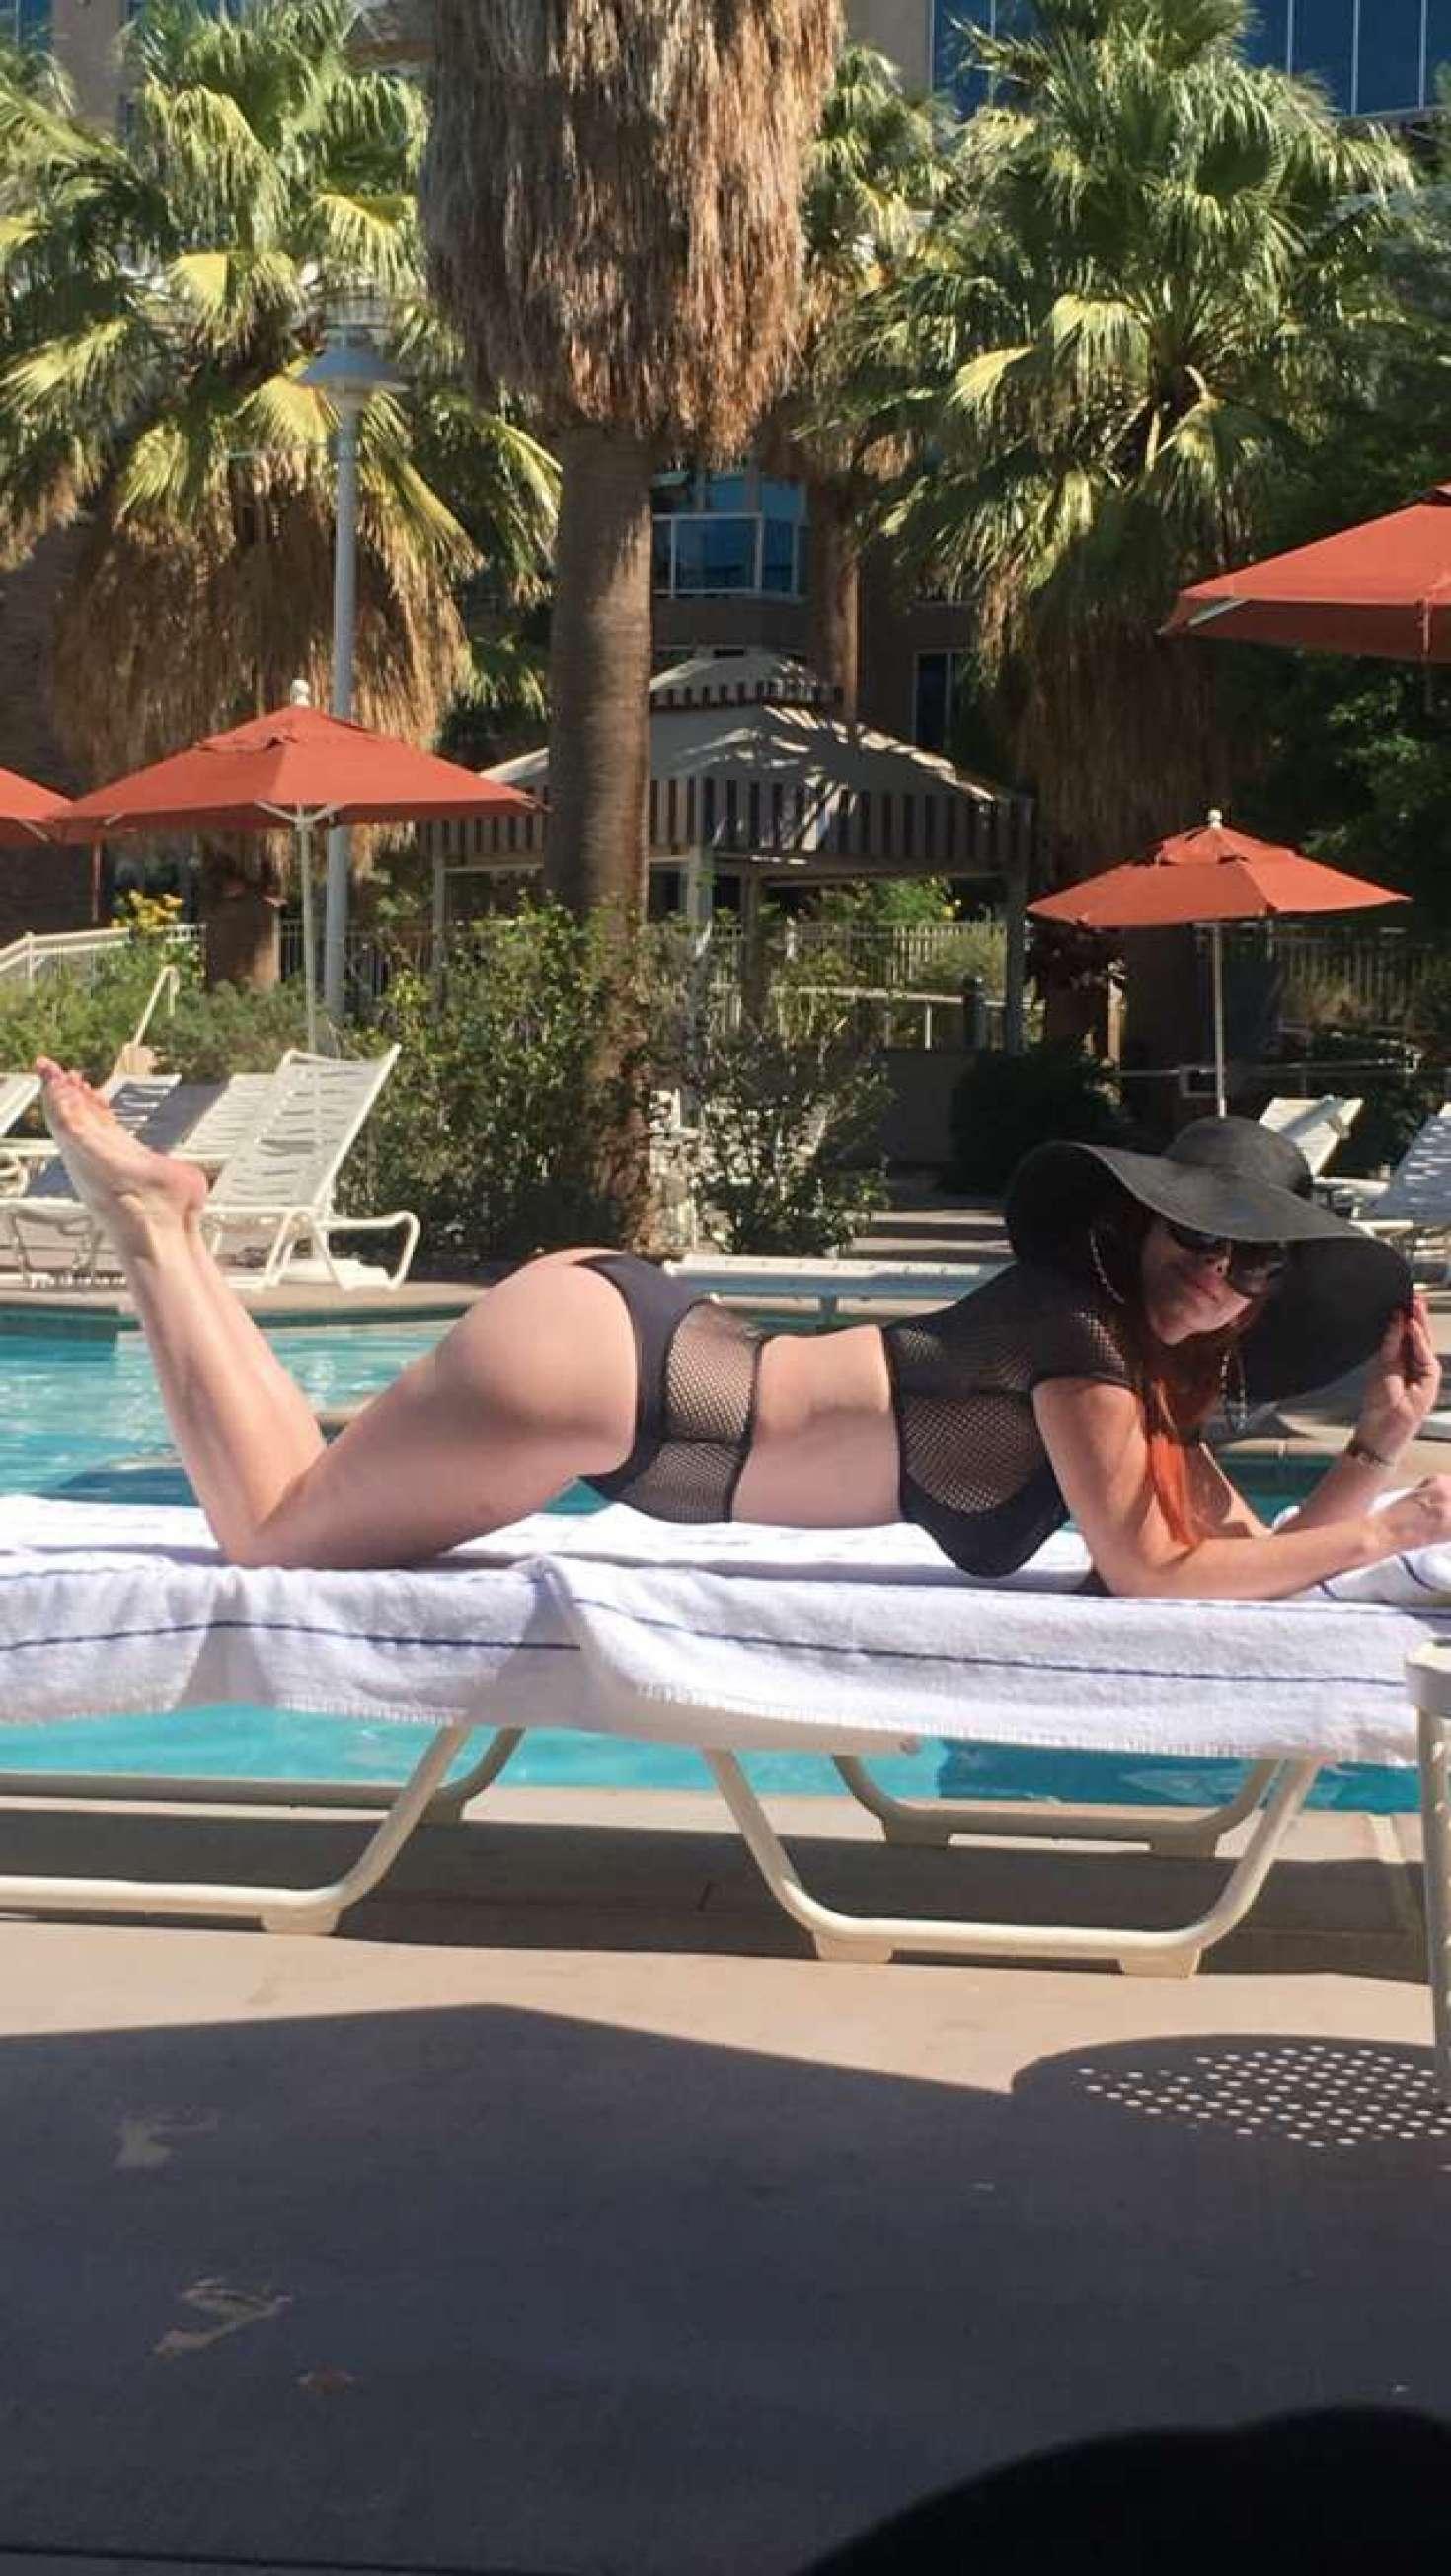 Sophia Vegas 2017 : Sophia Vegas and Phoebe Price: In Bikini poses at the pool in Palm Springs-11